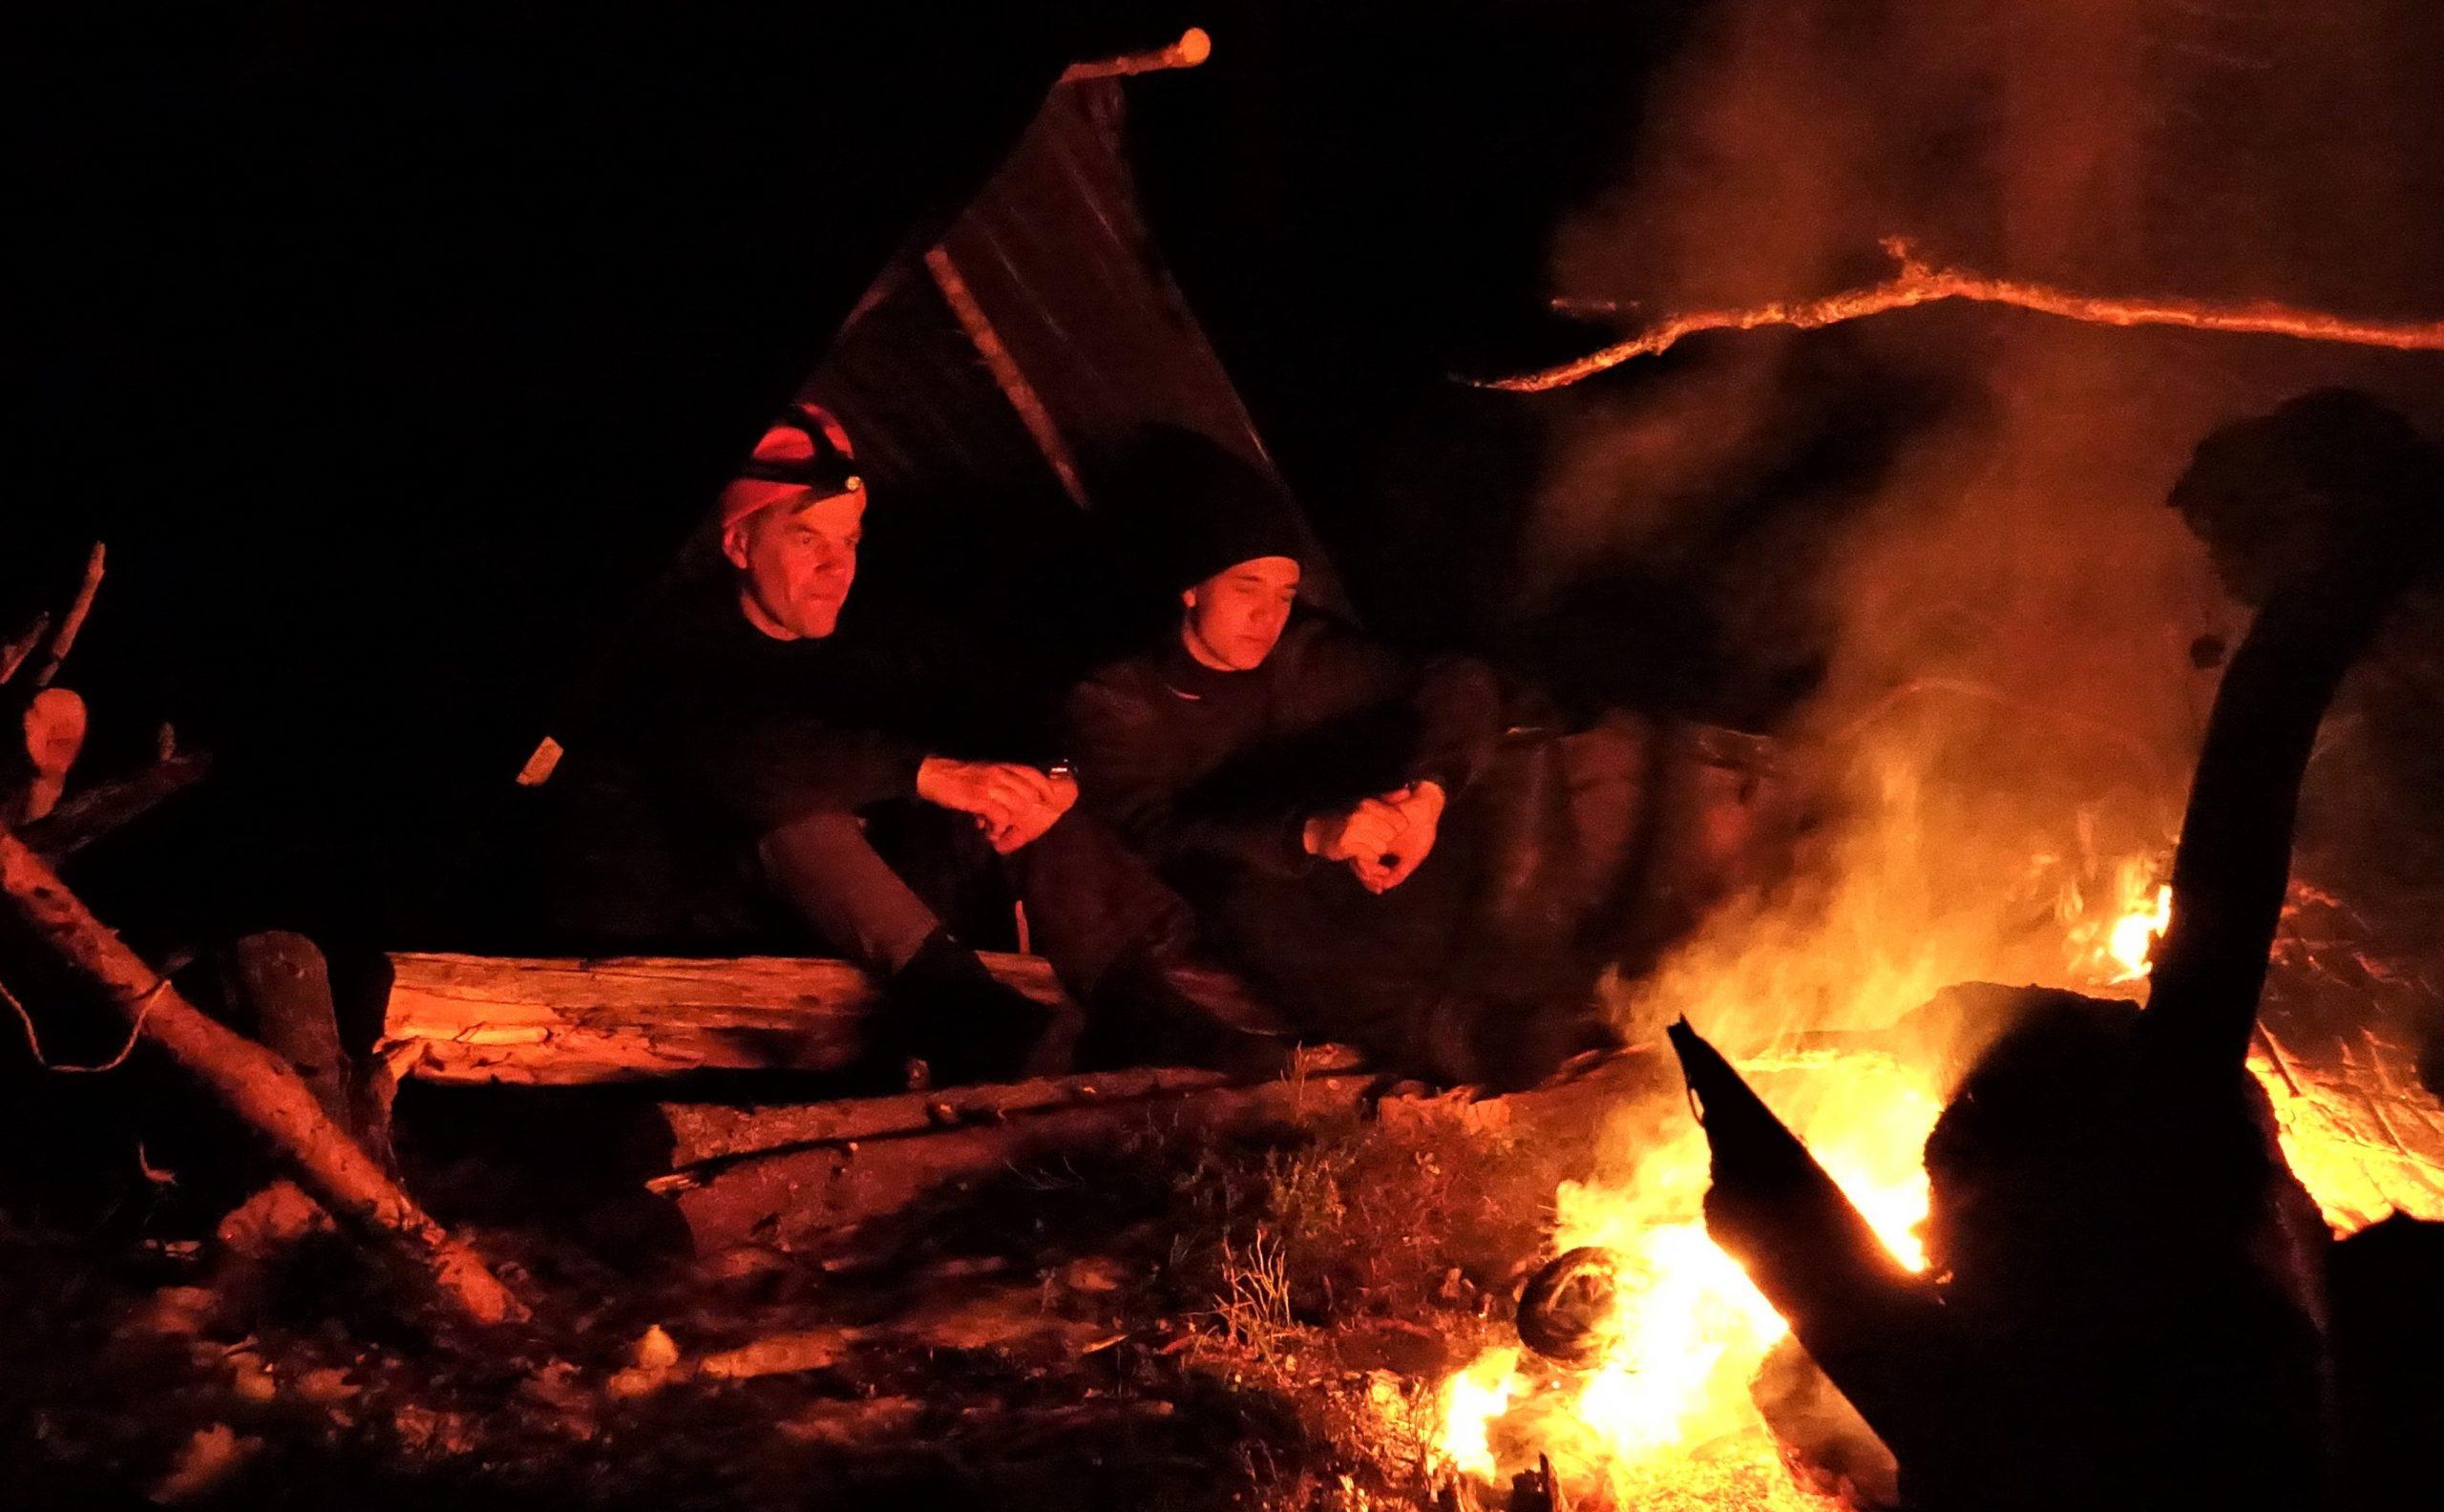 Kaksi ihmistä istumassa pimeän aikaan tulen äärellä.